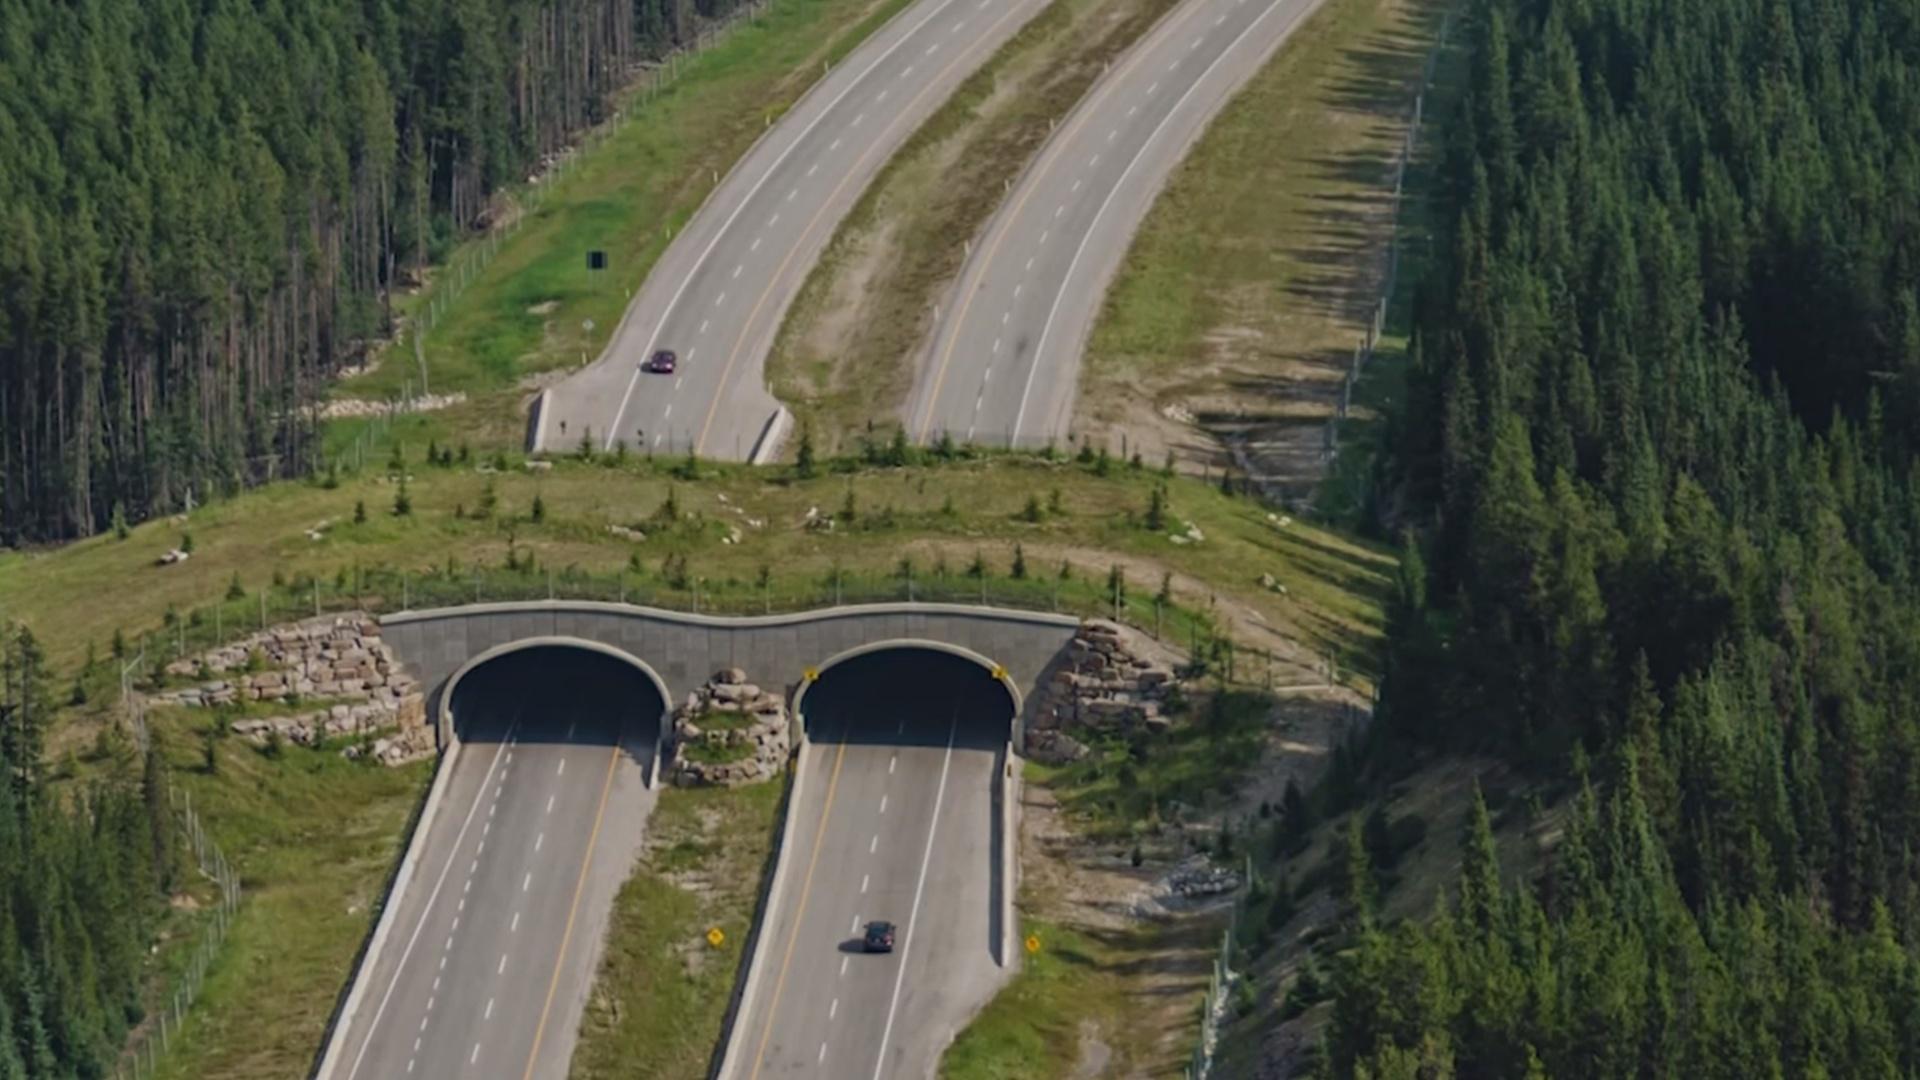 Над трассами в США возводят мосты для животных